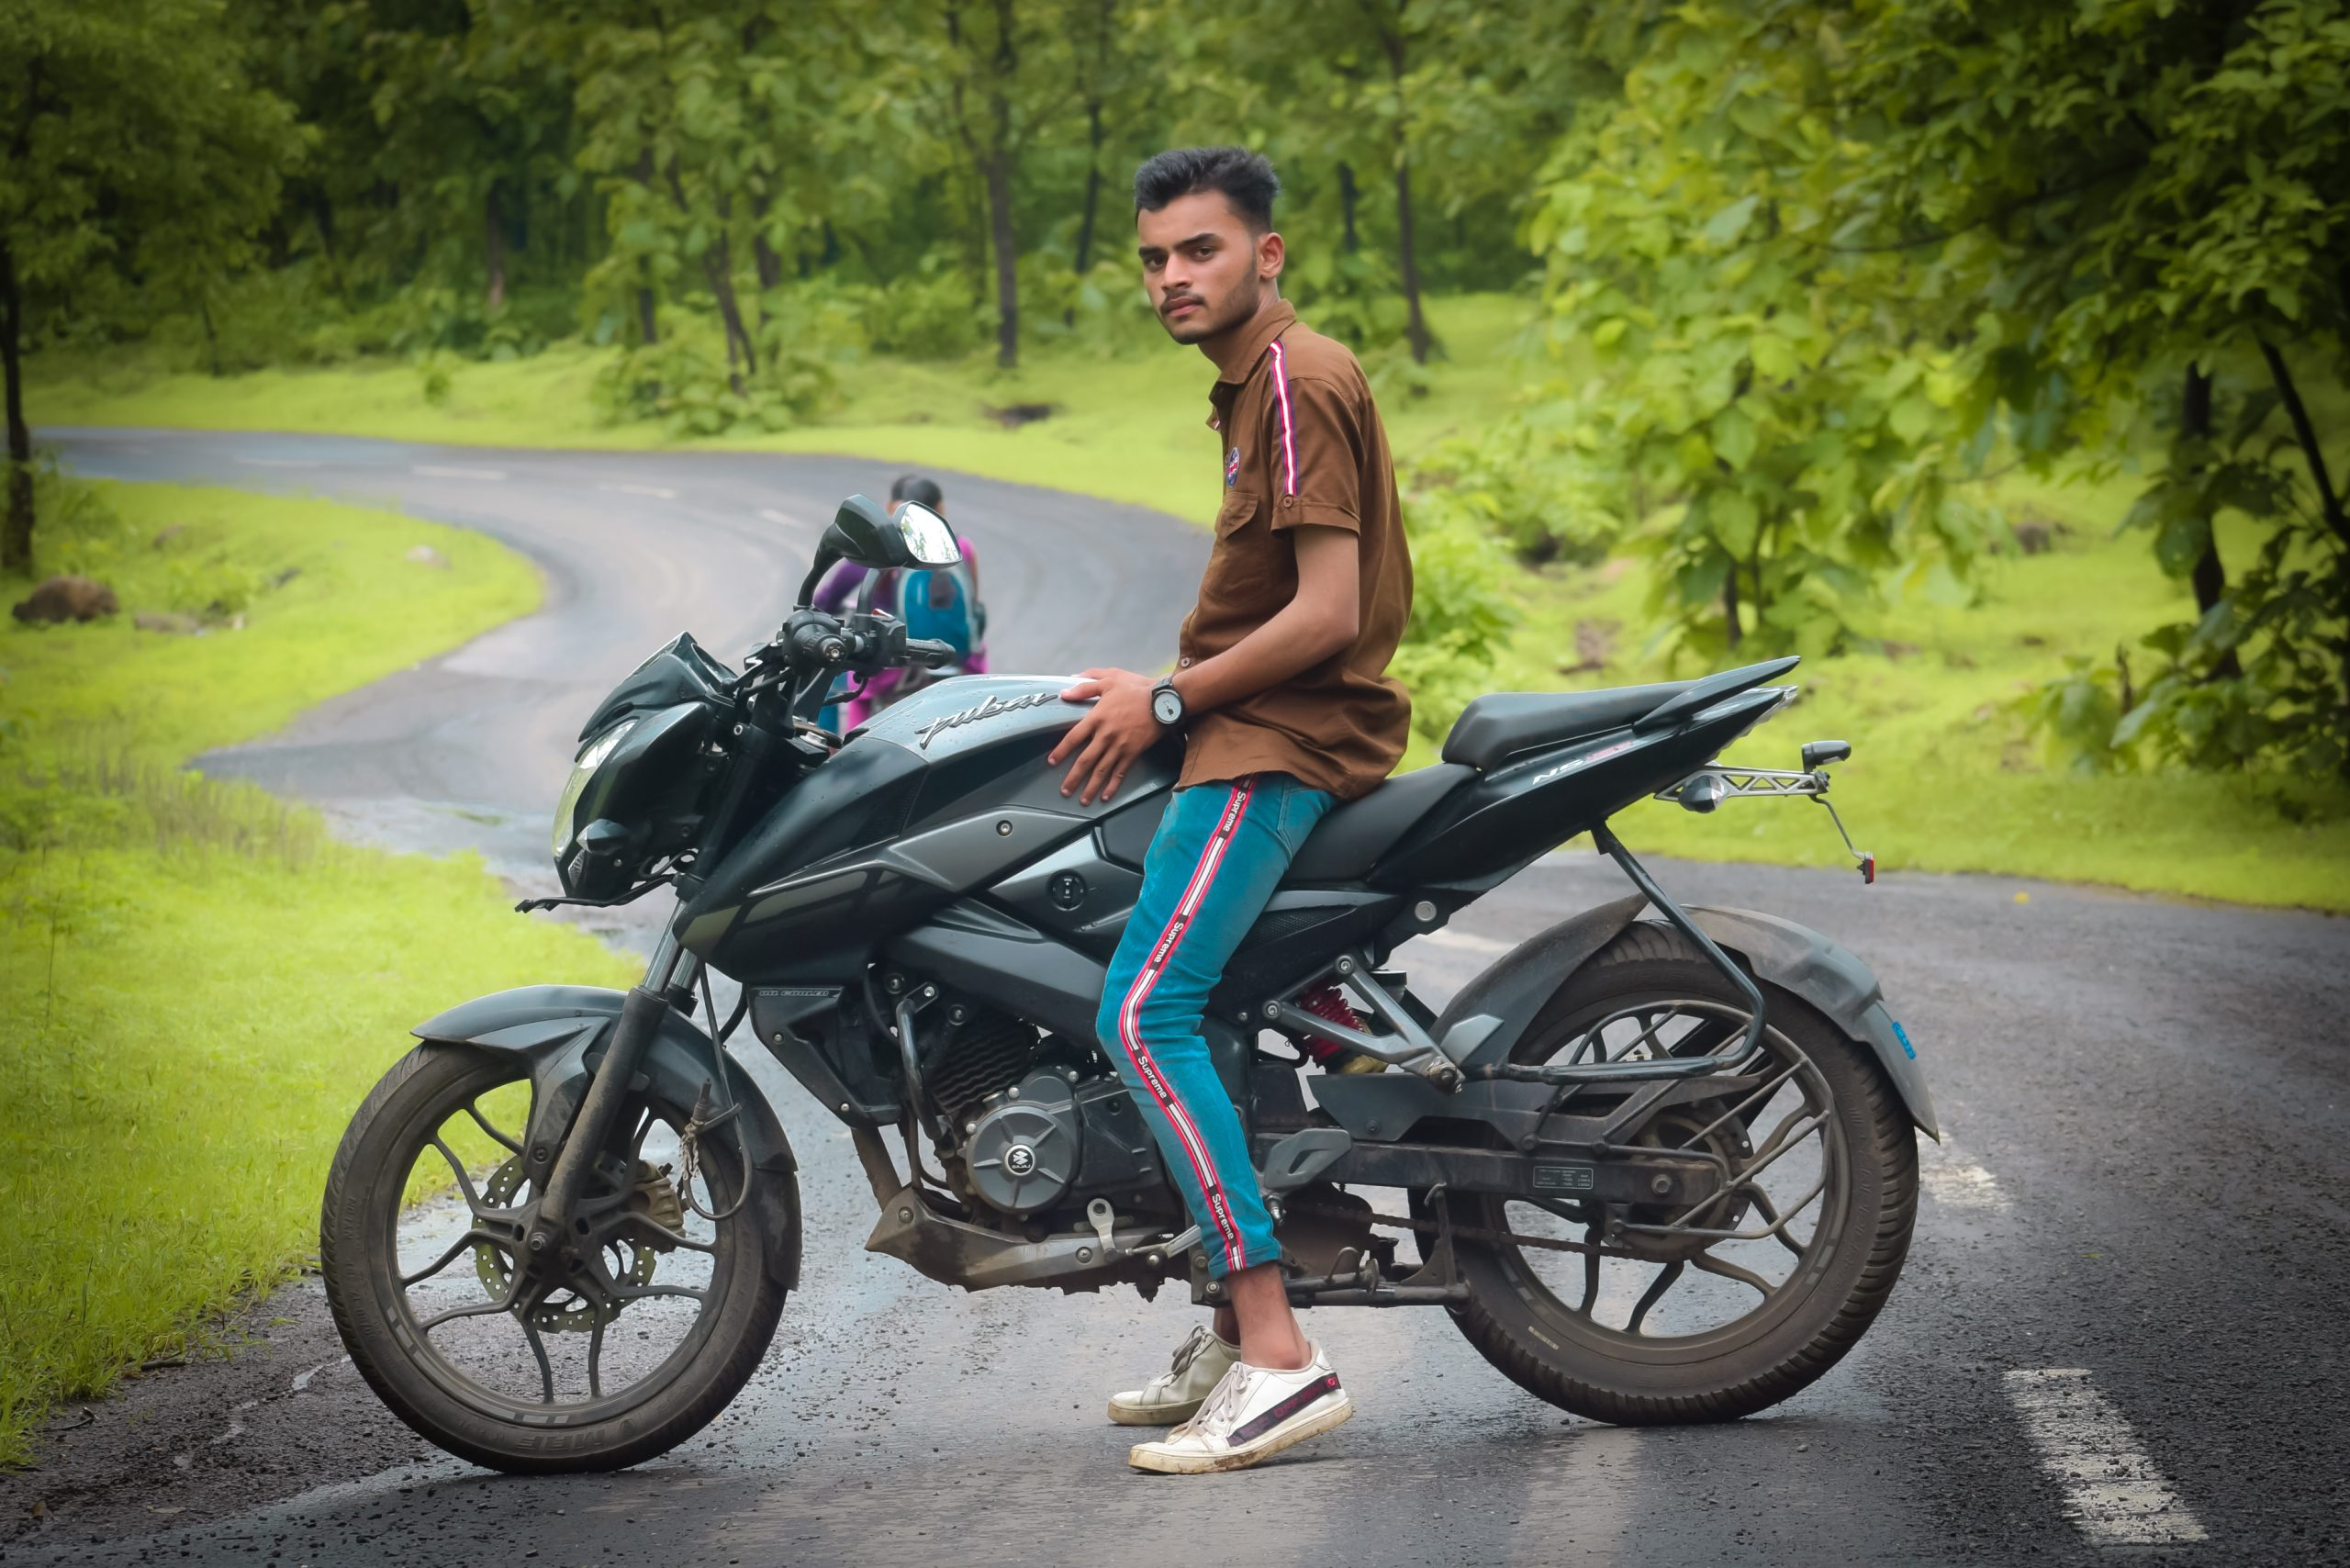 man posing on bike